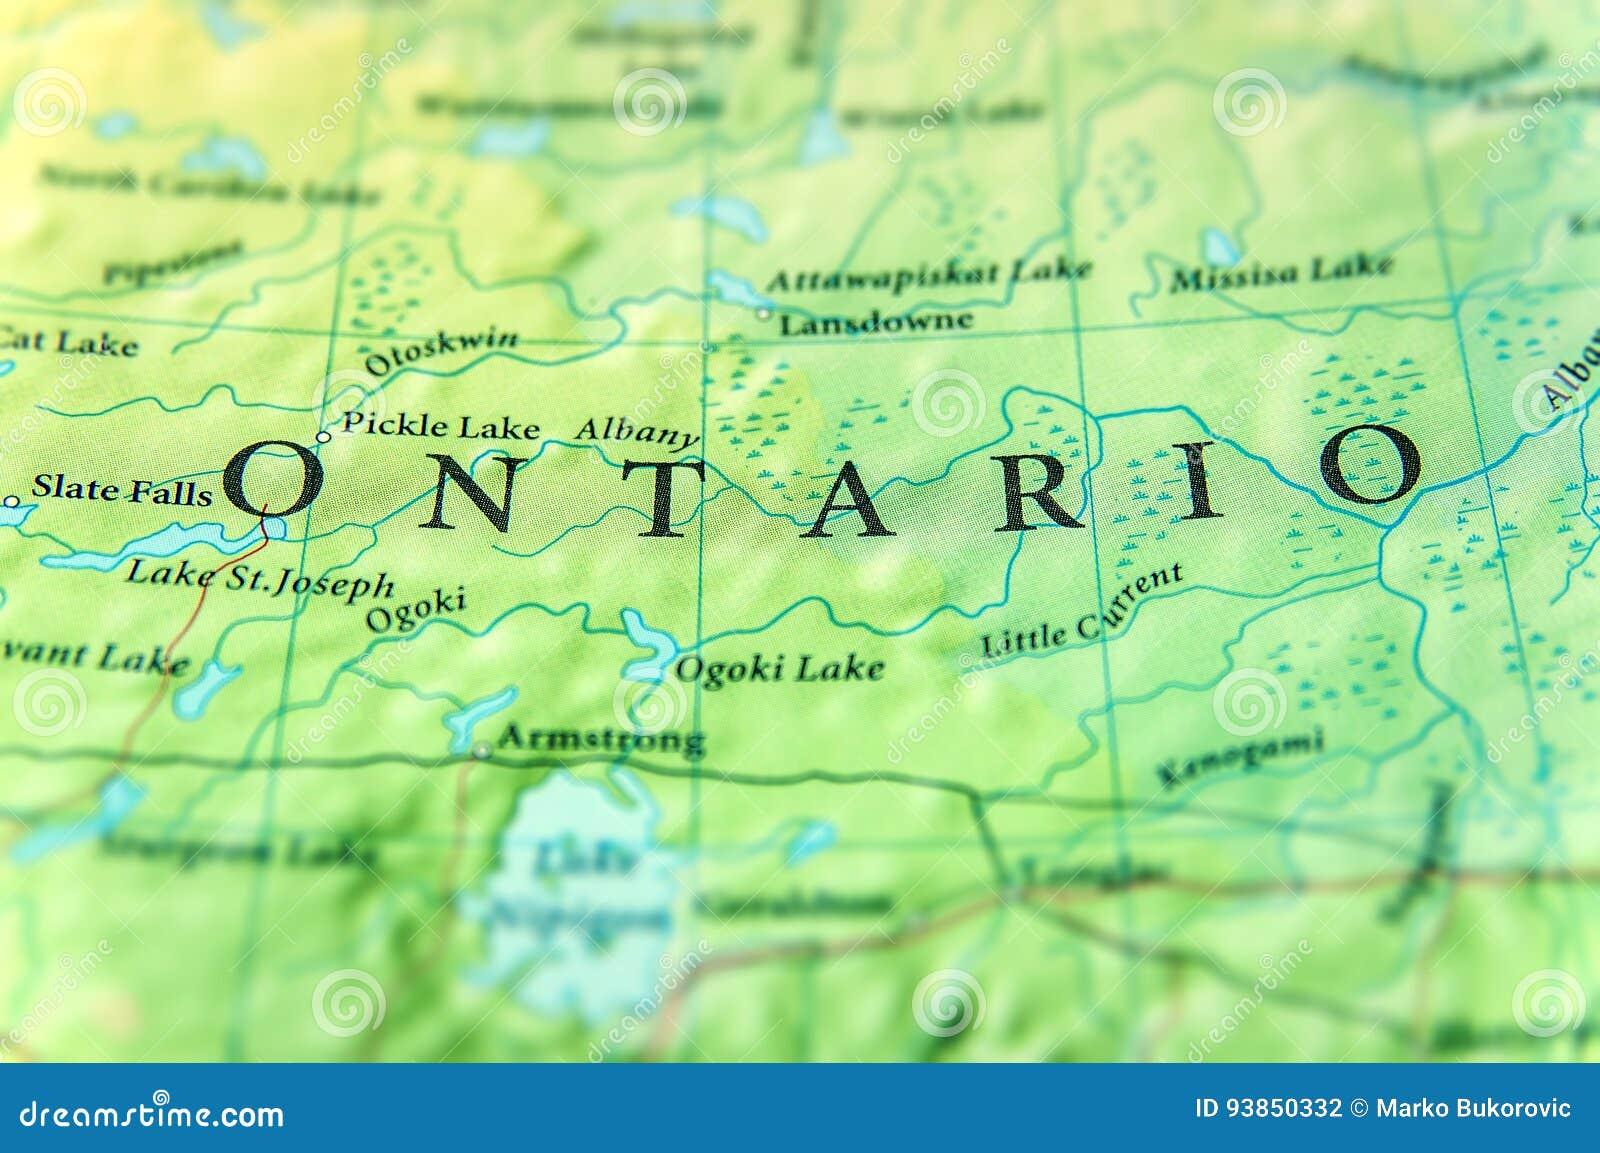 Mappa Geografica Dello Stato Ontario Del Canada Con Le Città